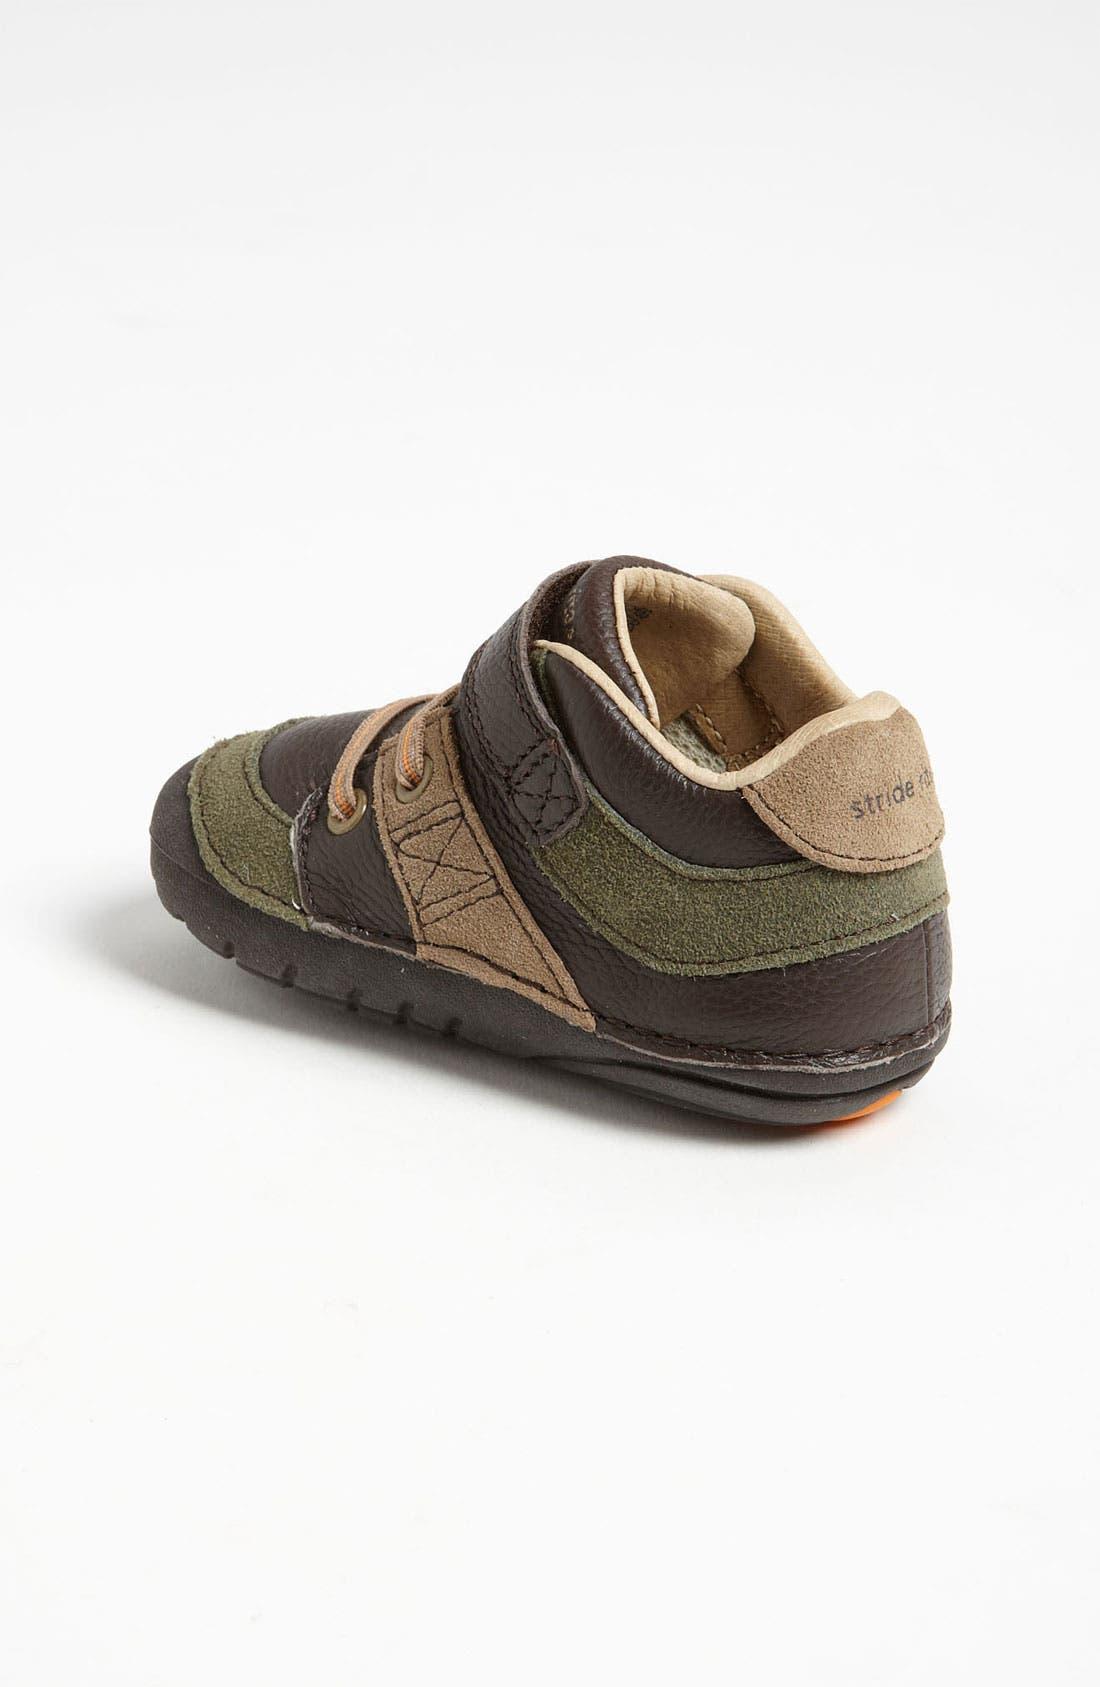 Alternate Image 2  - Stride Rite 'Julien' Sneaker (Baby & Walker)